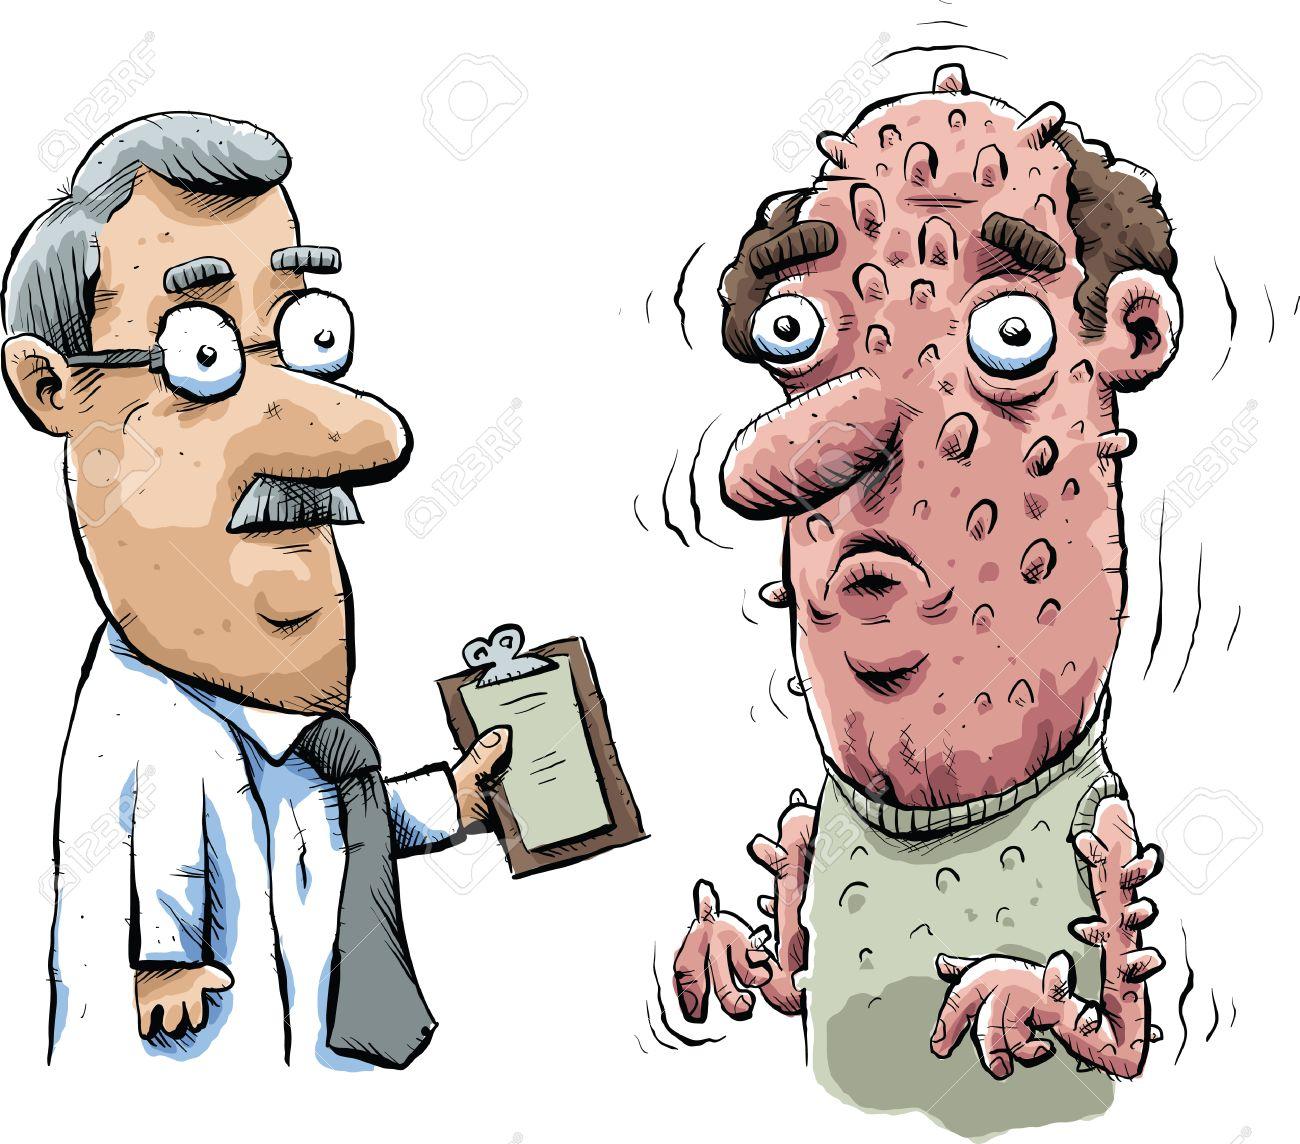 un mdico examina a un hombre de dibujos animados con un brote extremo de las colmenas